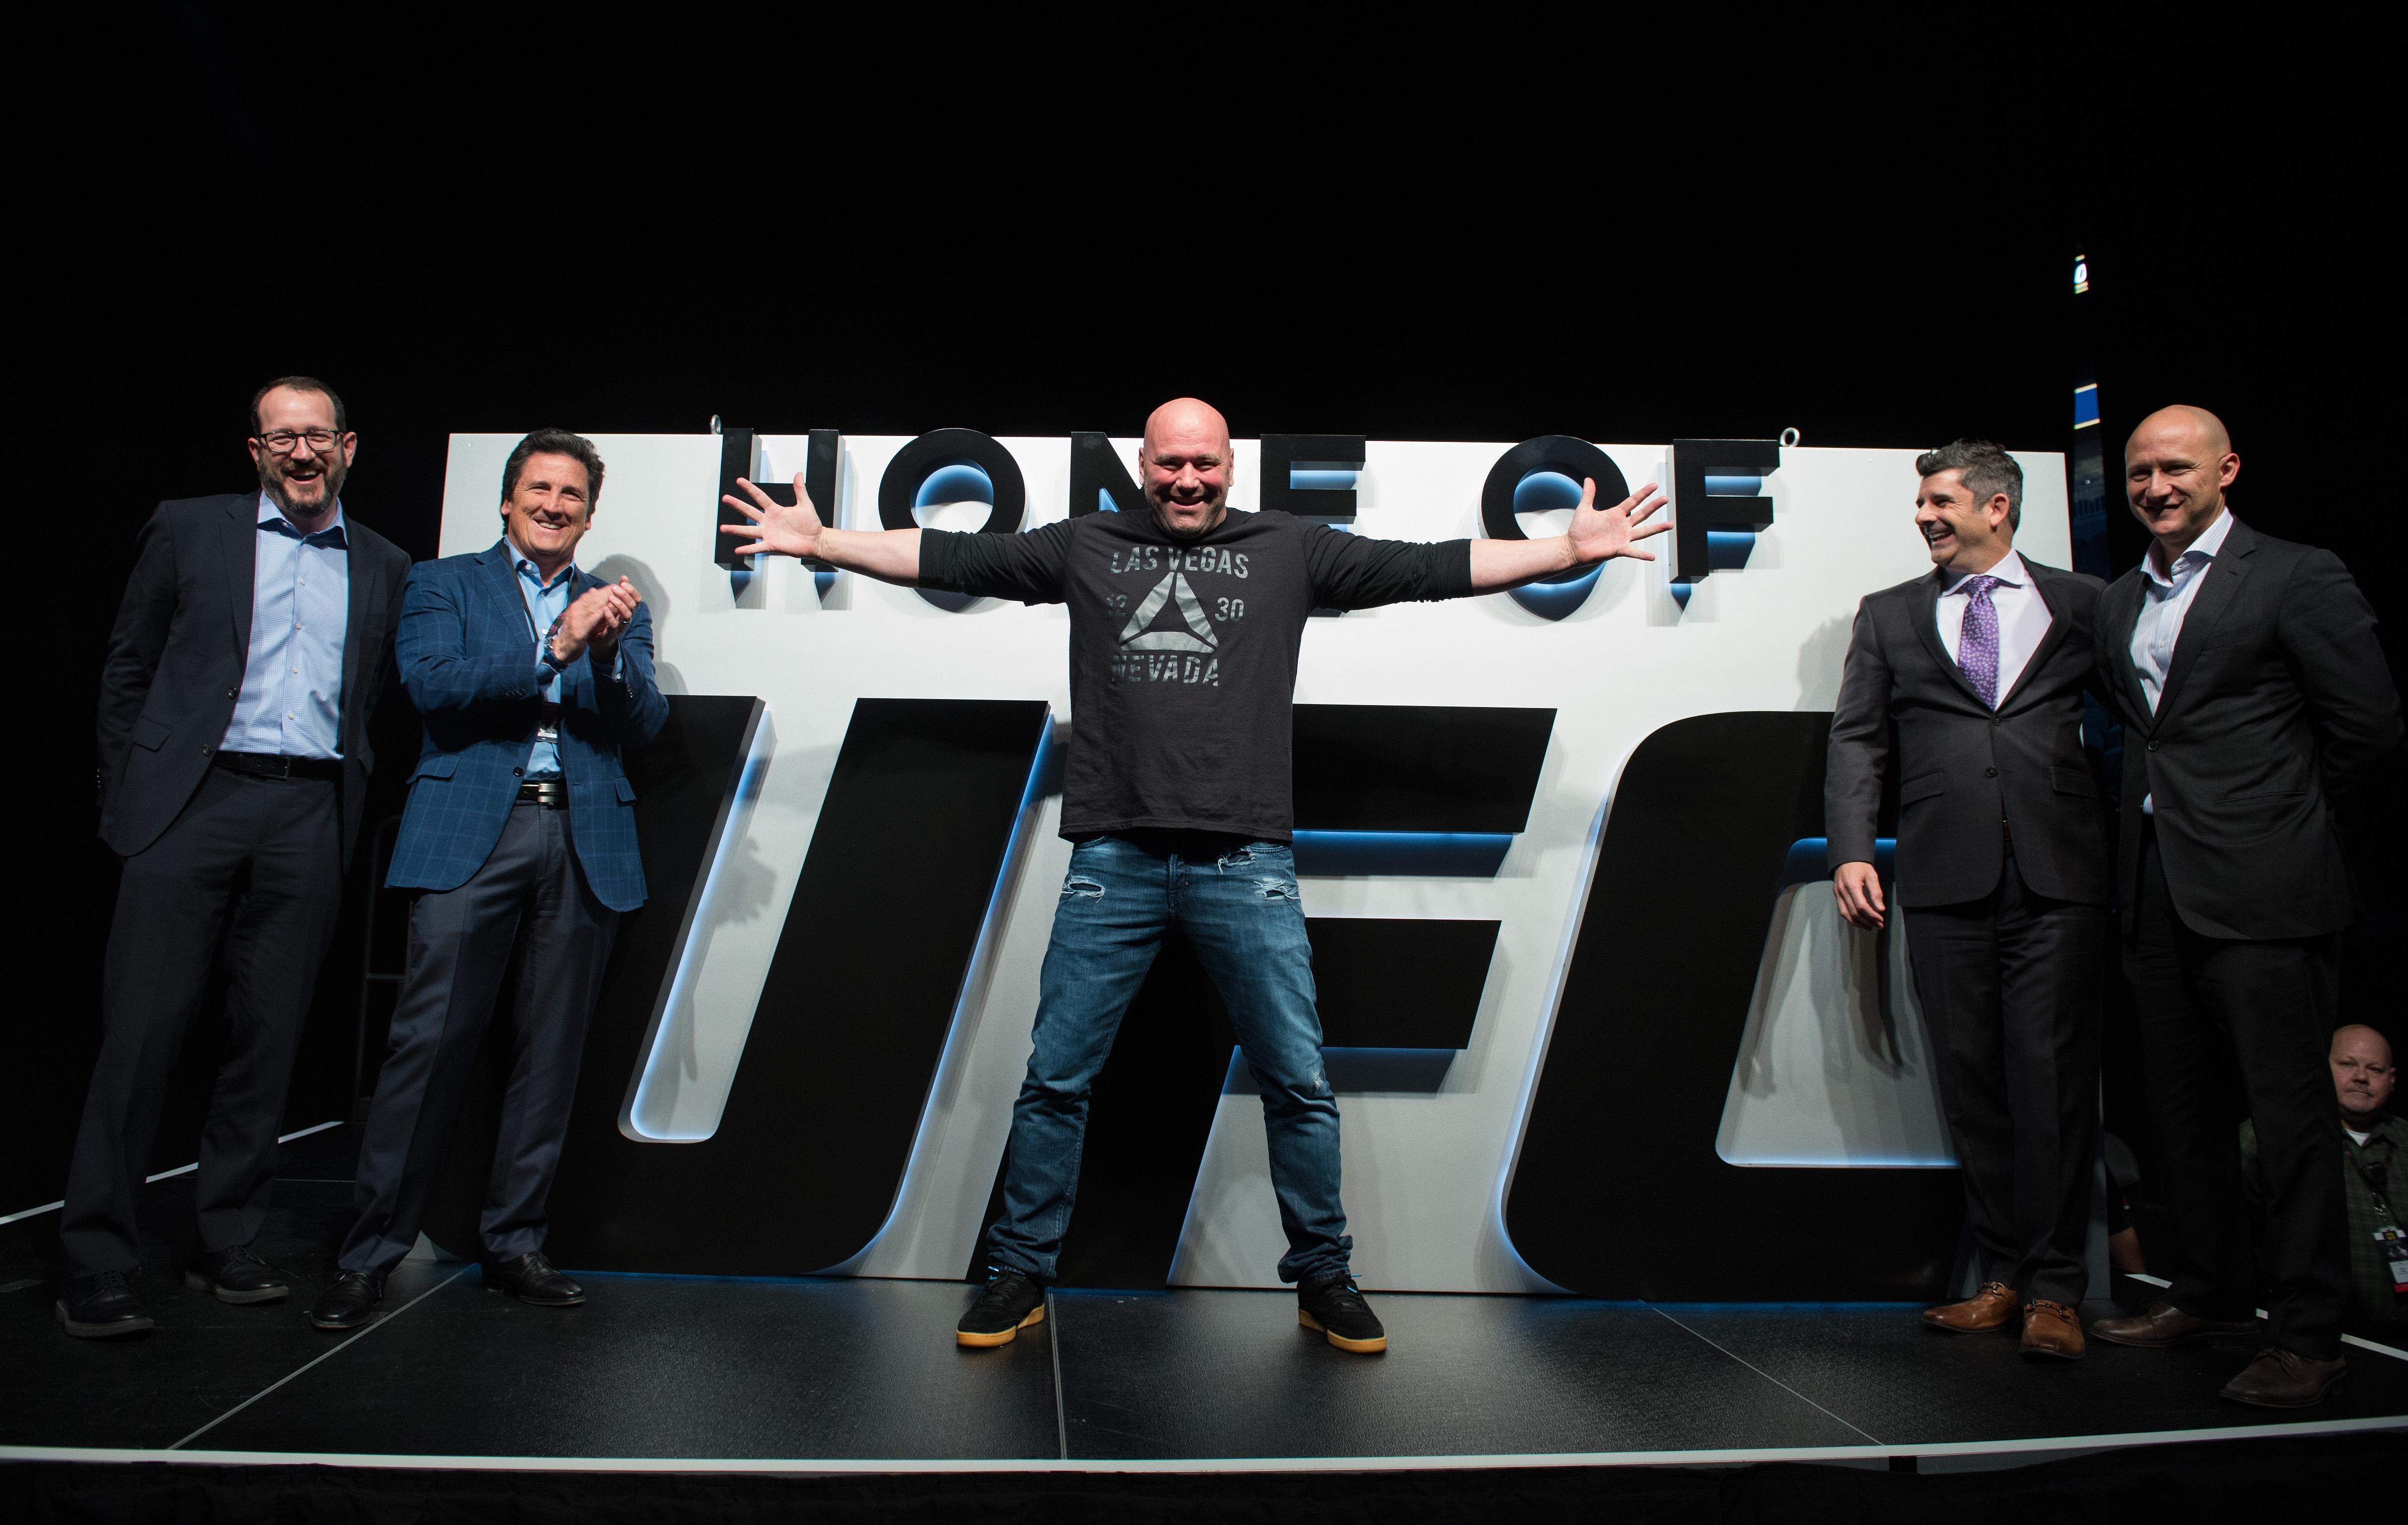 UFC: Bisping v St-Pierre Press Conference